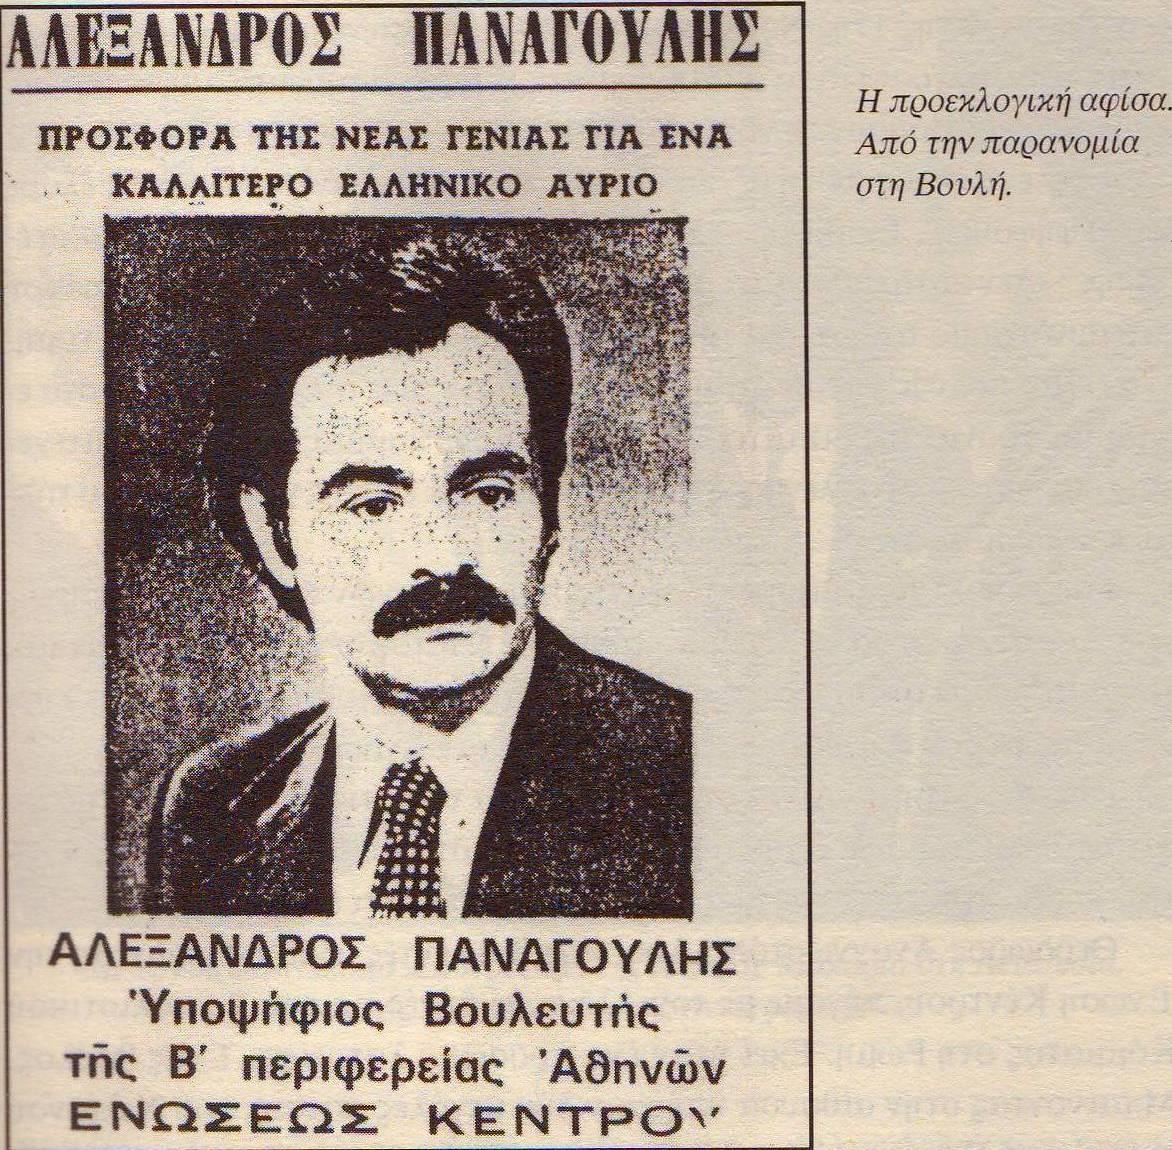 Αποτέλεσμα εικόνας για alexandros panagoulis fwto